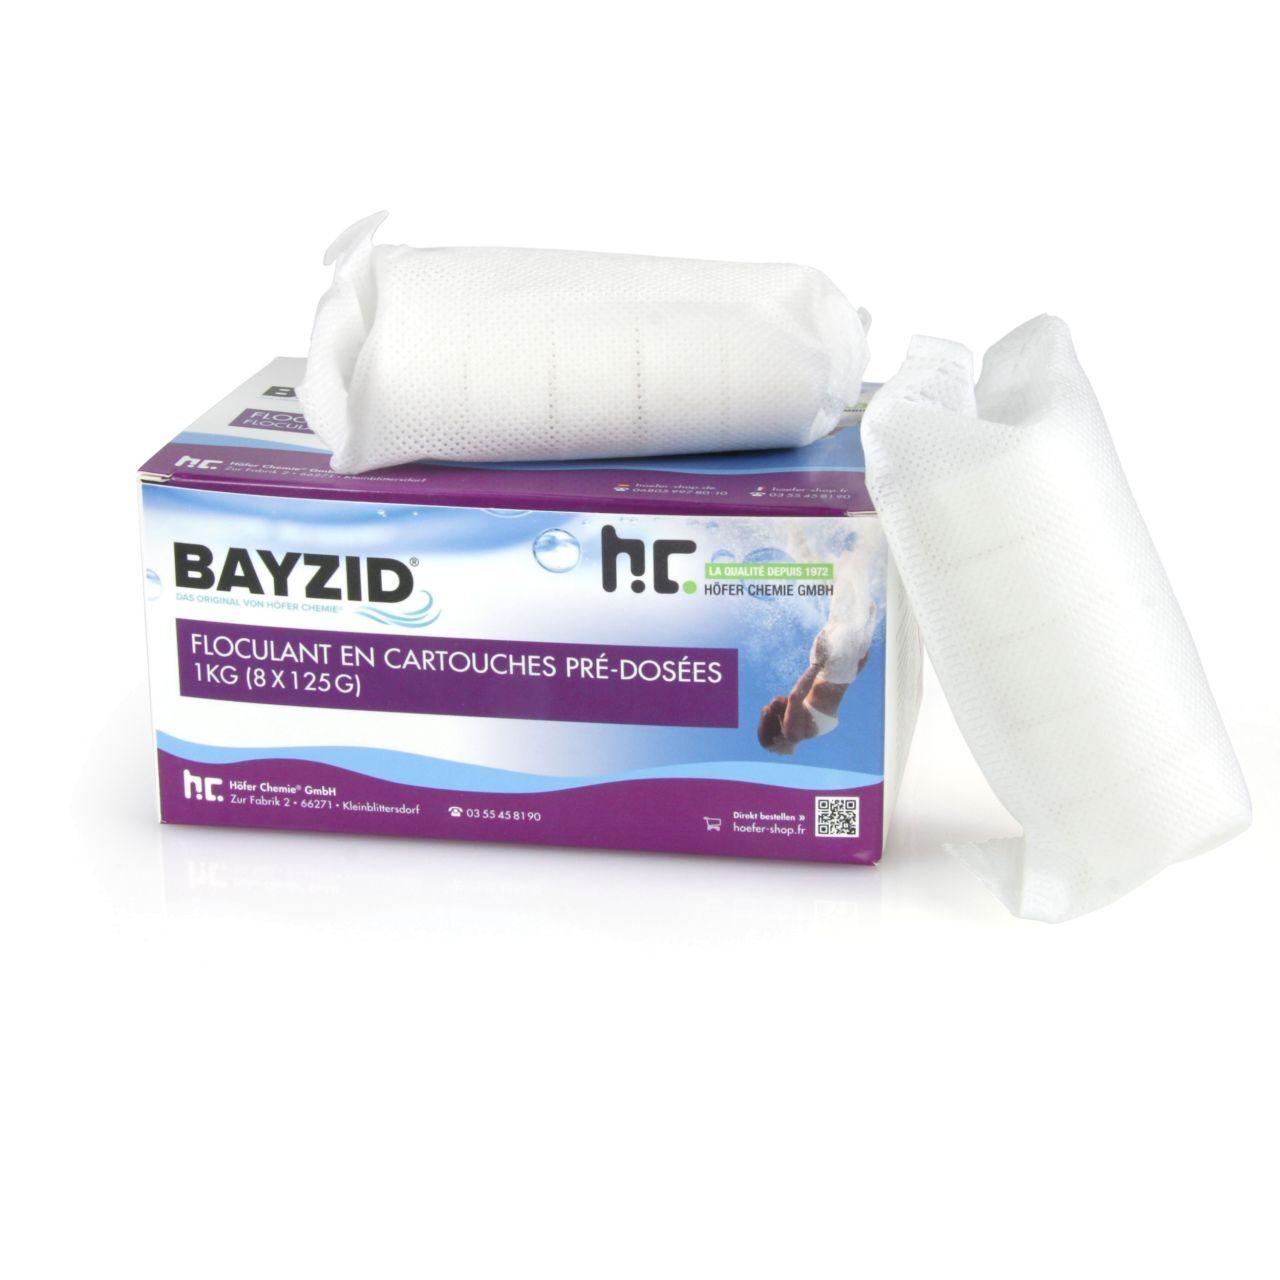 BAYZID 4 kg BAYZID® Cartouches de floculant pré-dosées (8x 125g) (4 x 1 kg)